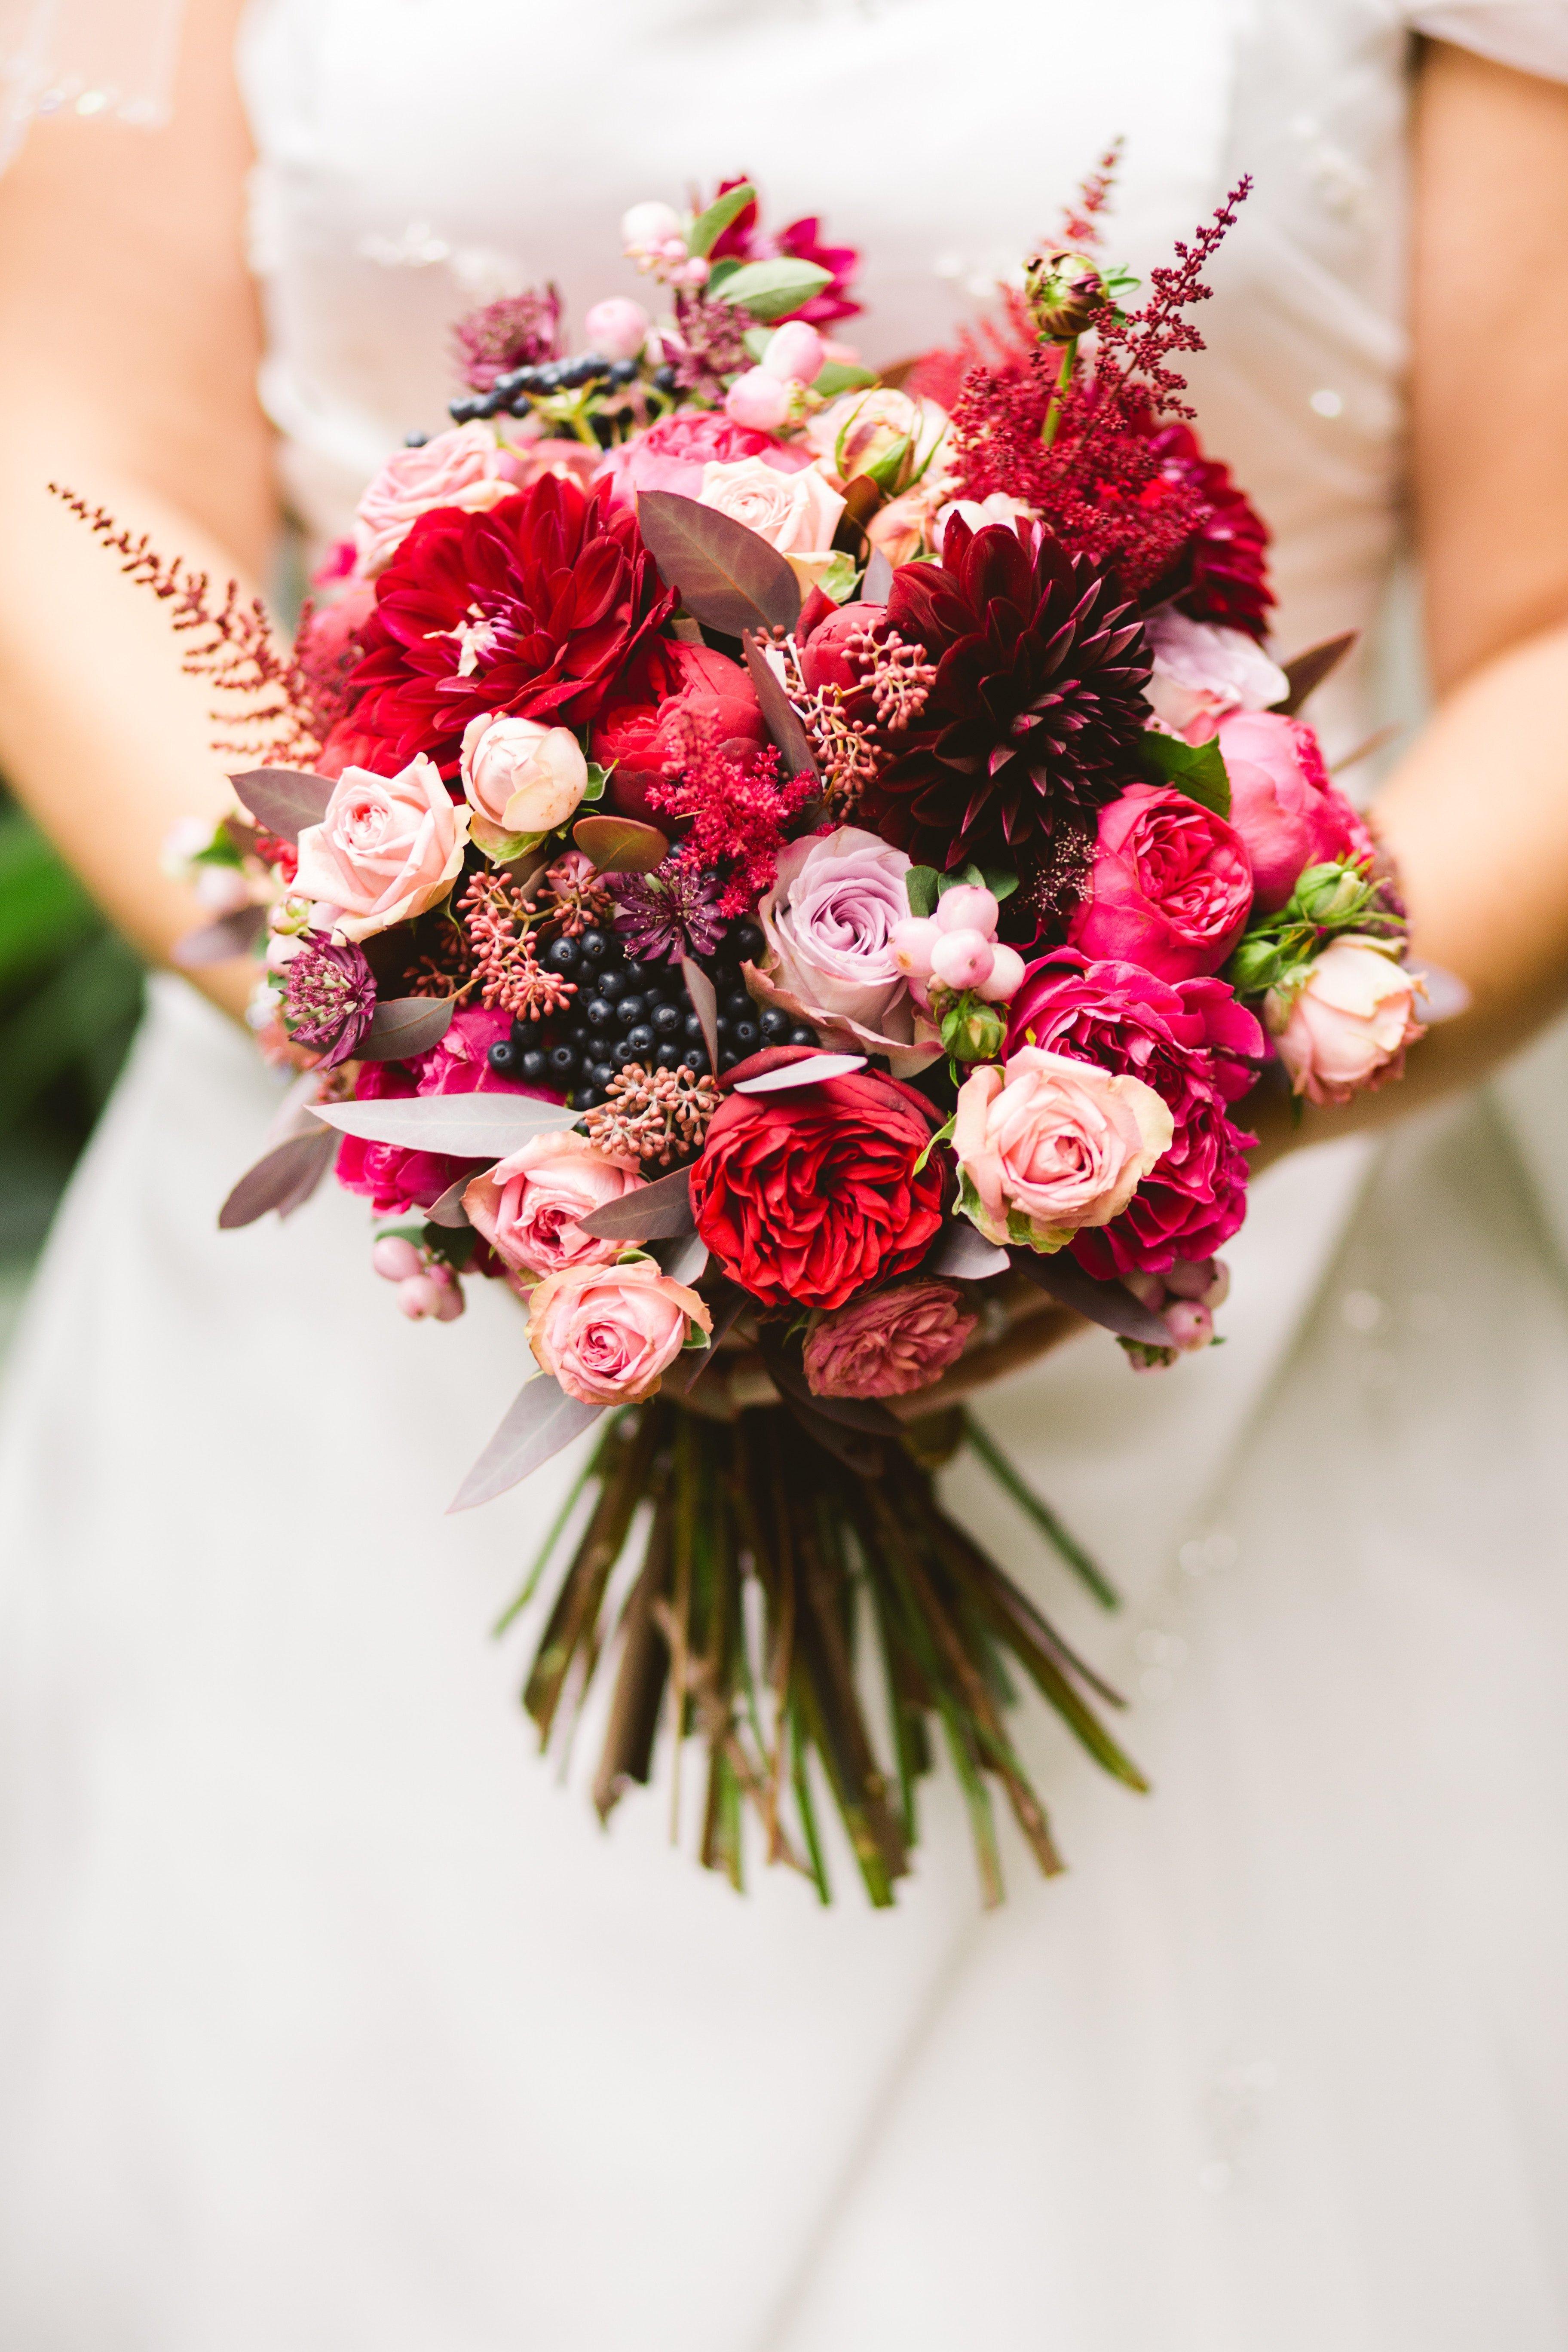 Un bouquet de mariée. l Source: Unspash